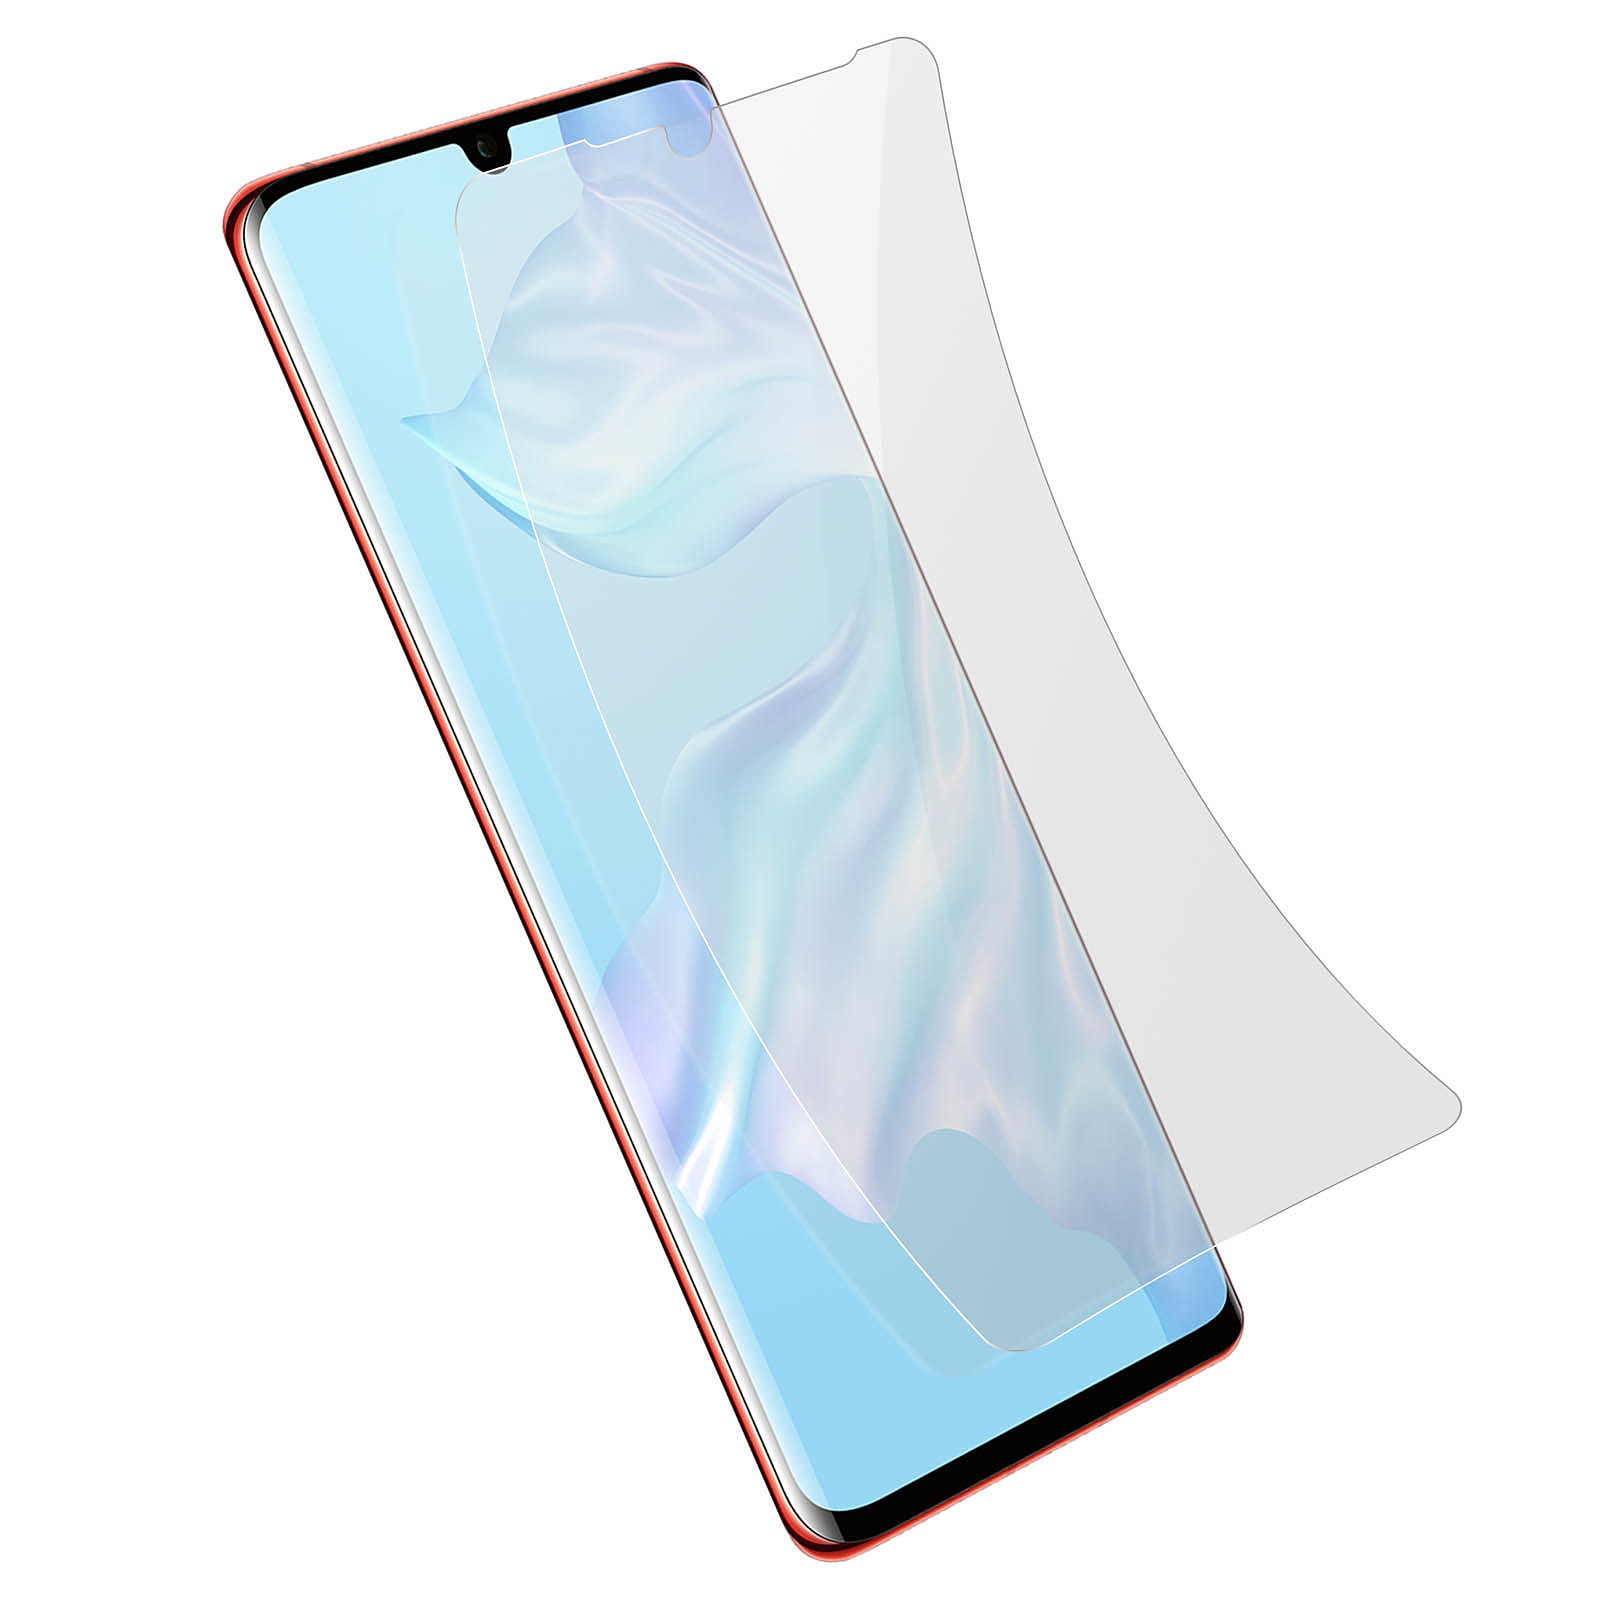 Avizar Film Protecteur Transparent Pour Huawei P30 Pro Protection écran Avizar Sur Ldlc Com